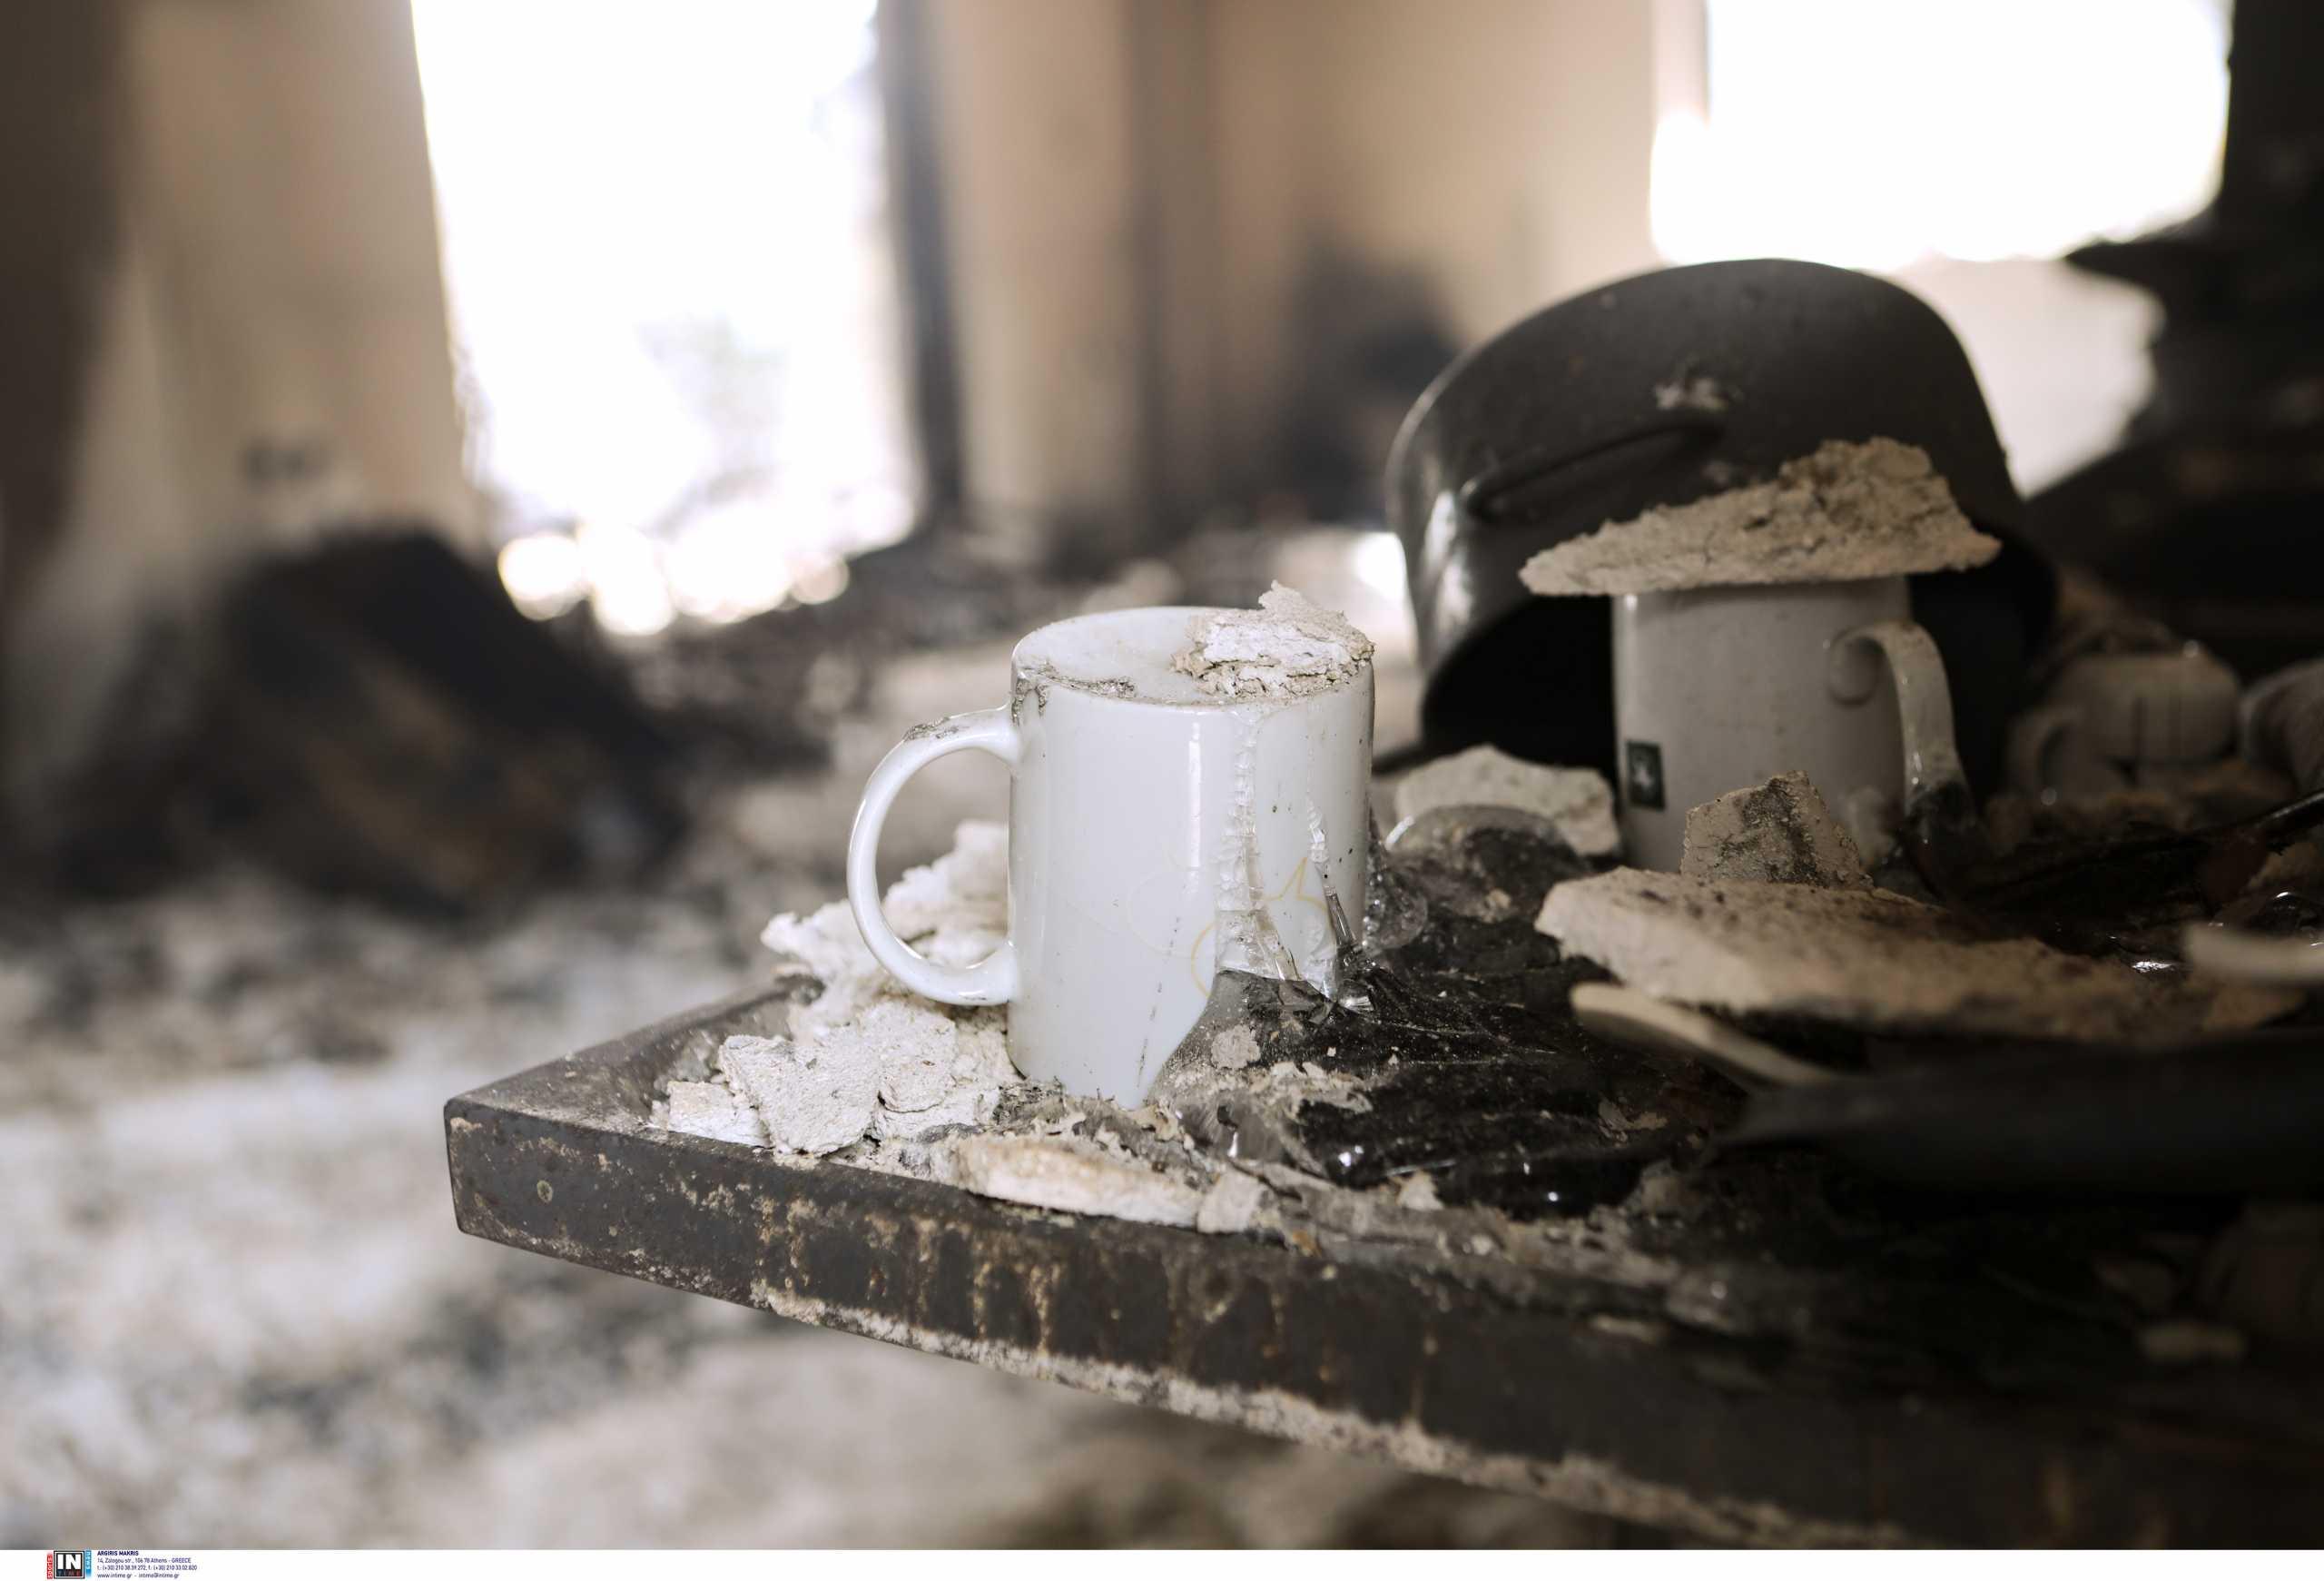 Φωτιά στον Σχίνο: Στάχτες και αποκαΐδια σε σπίτια – Οδοιπορικό που καθηλώνει